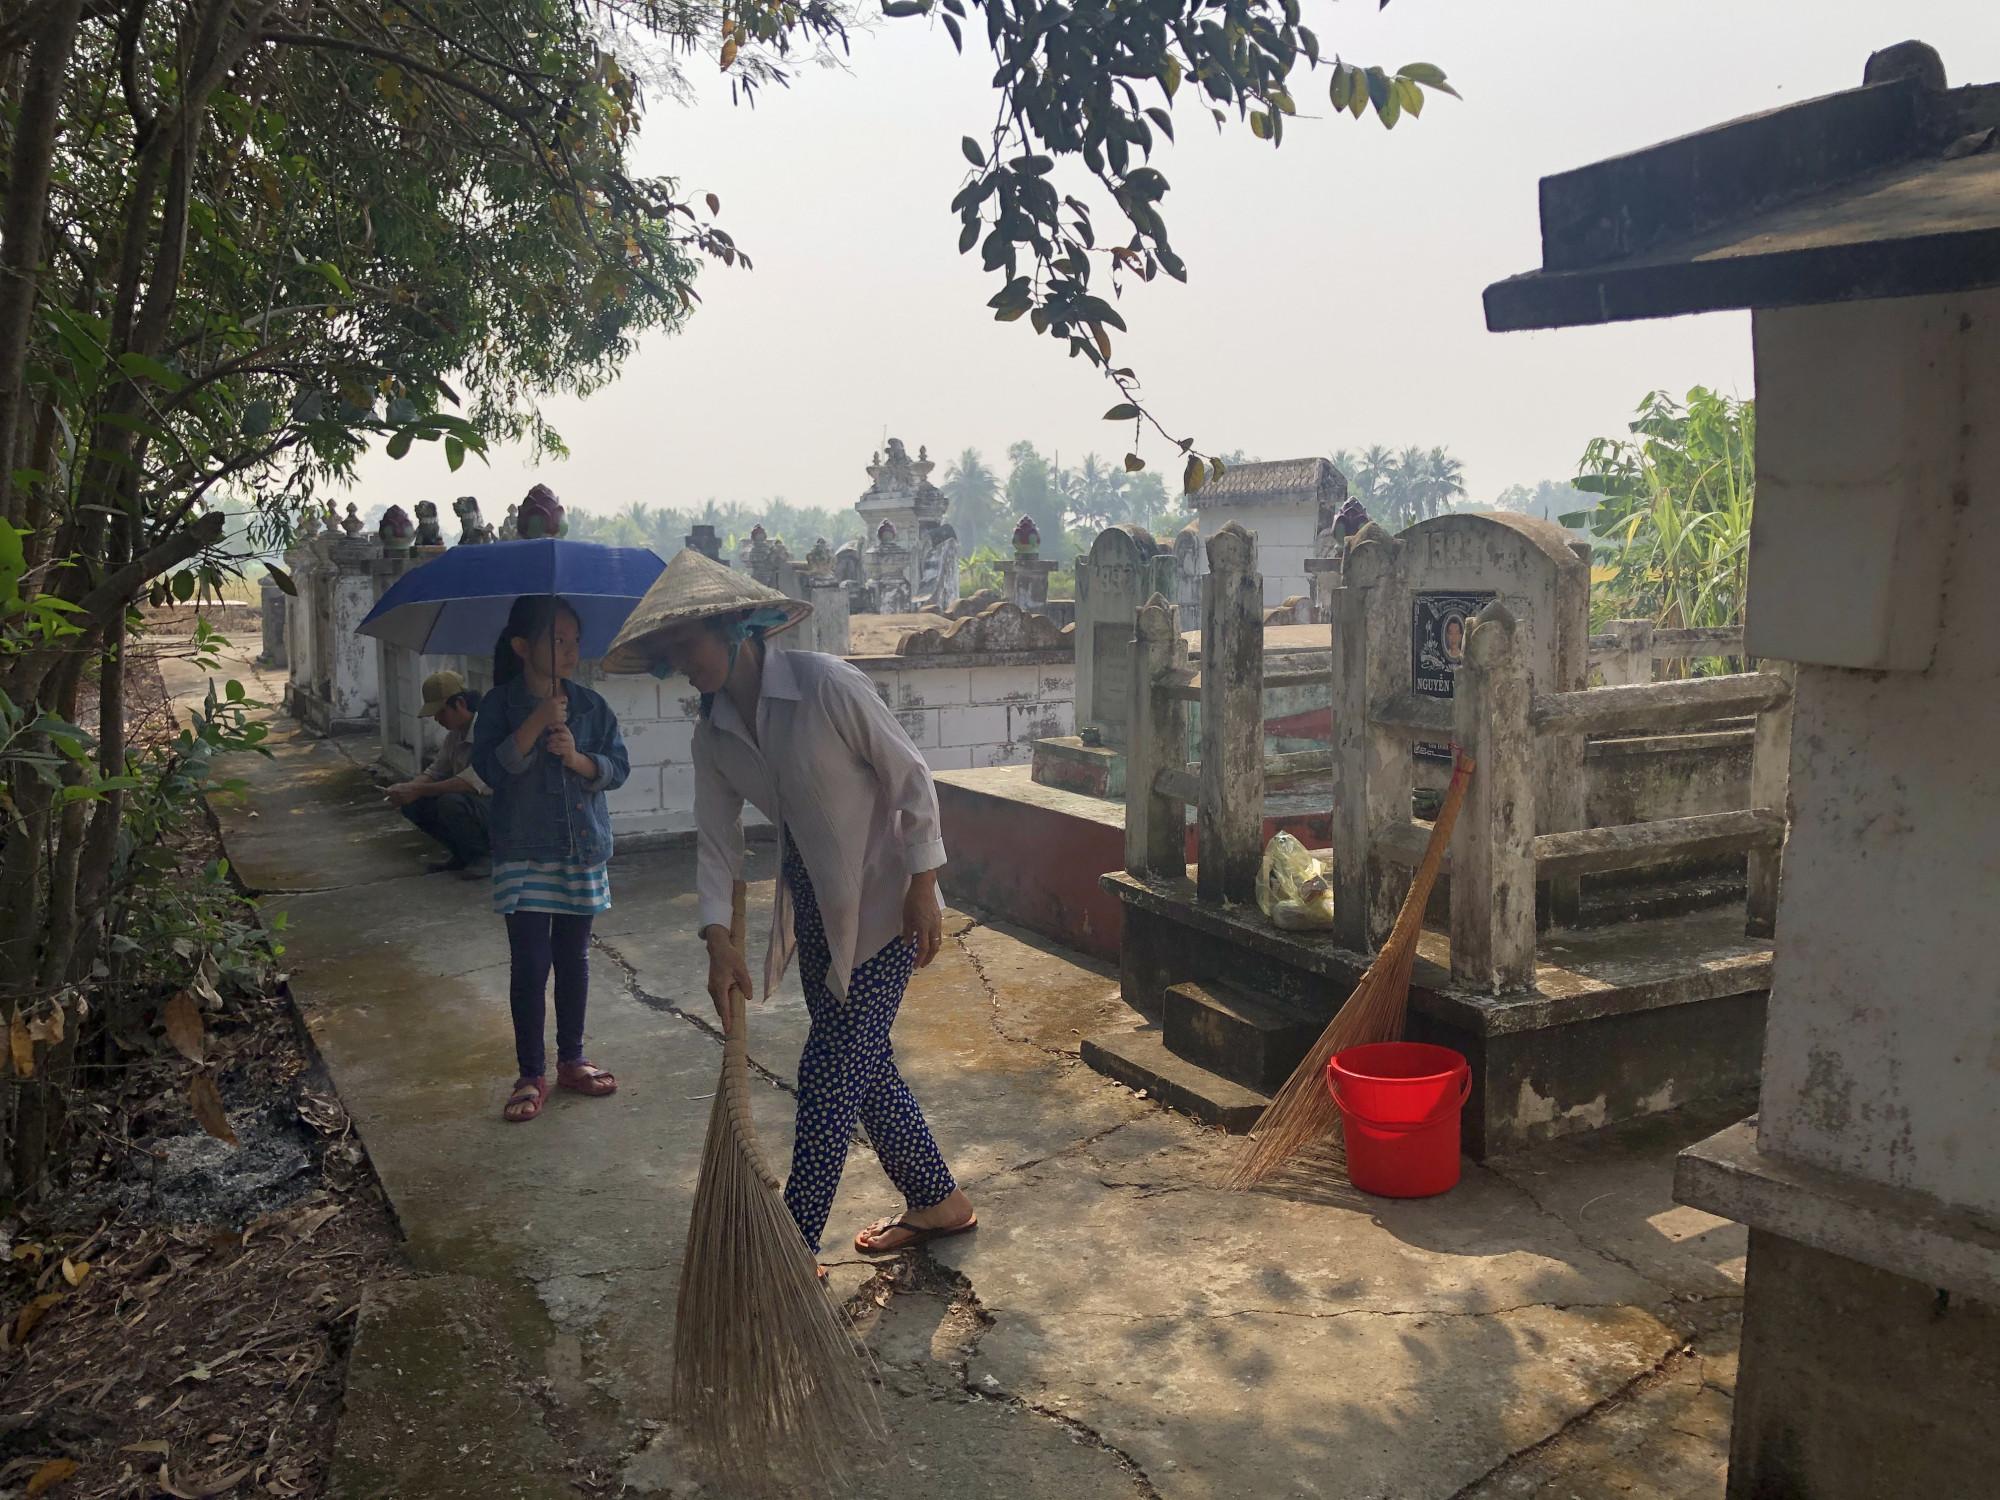 Trước Tết dù bận tới đâu người dân Nam bộ cũng thu xếp ra quét dọn, viếng thăm phần mộ của ông bà. Ảnh: Thanh Huyền.